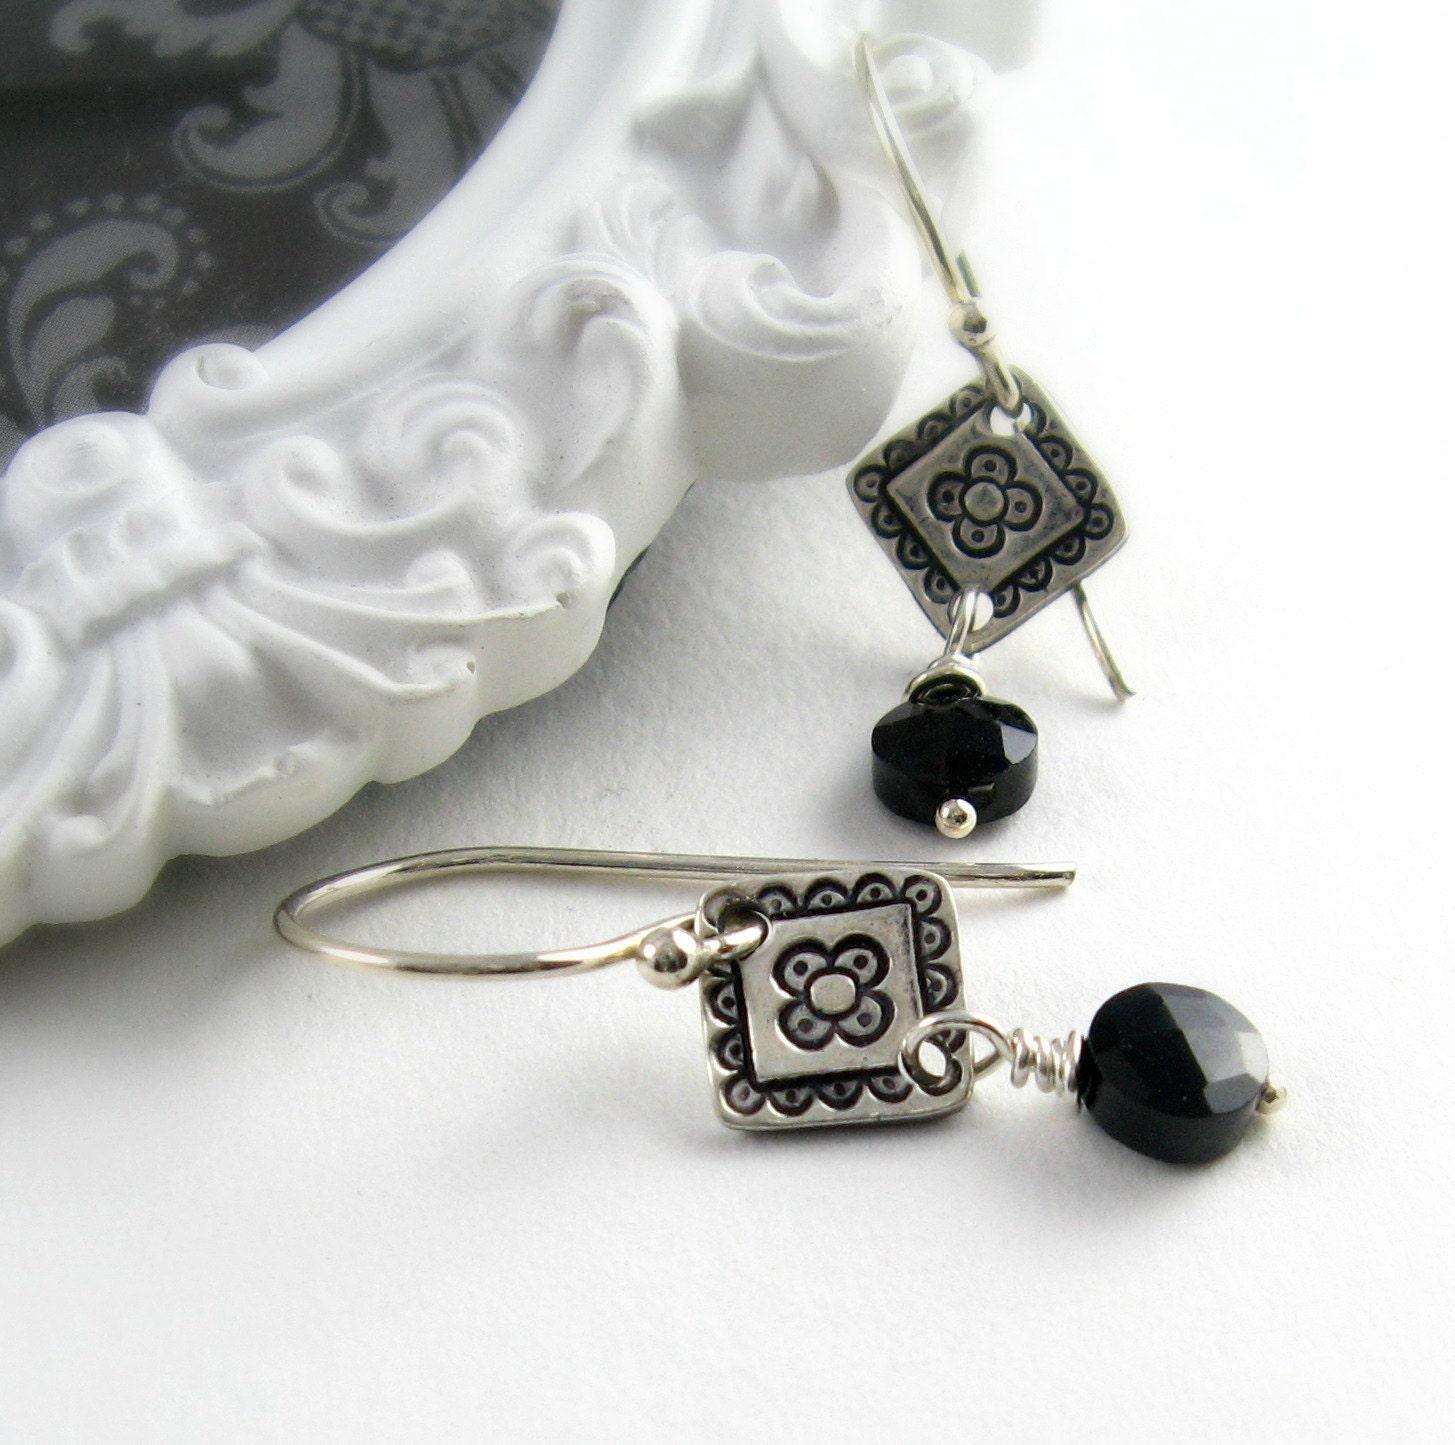 Handstamped Silver Earrings Black Gemstone Earrings Black Spinel Earrings Sterling Silver Earrings